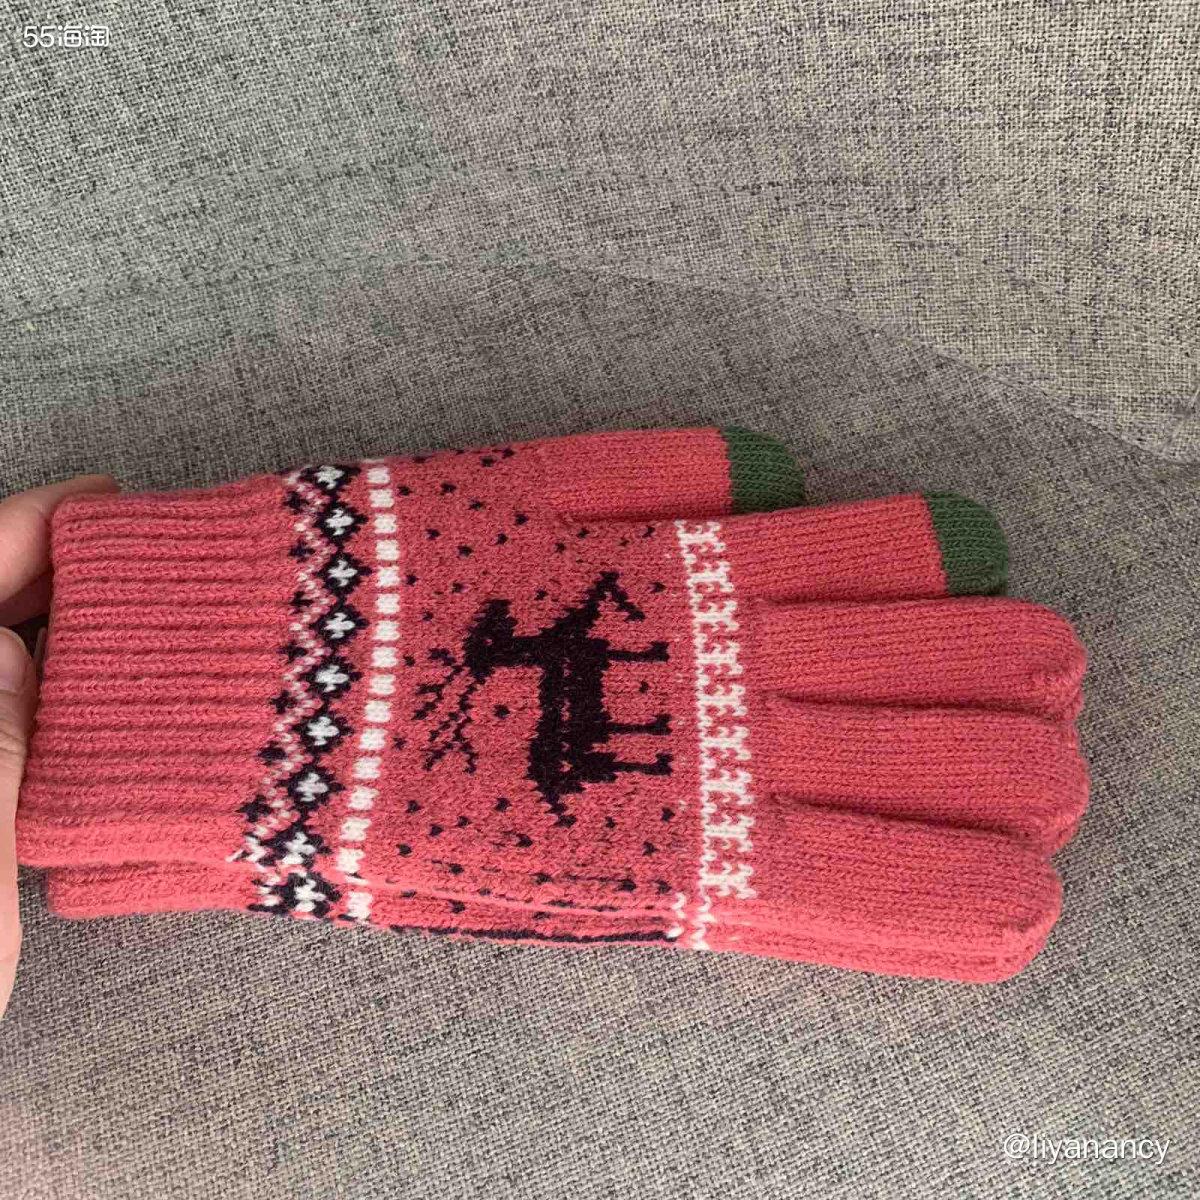 毛线手套  ✨本来我是有个拉绒手套的,北京现在的天气用着薄厚